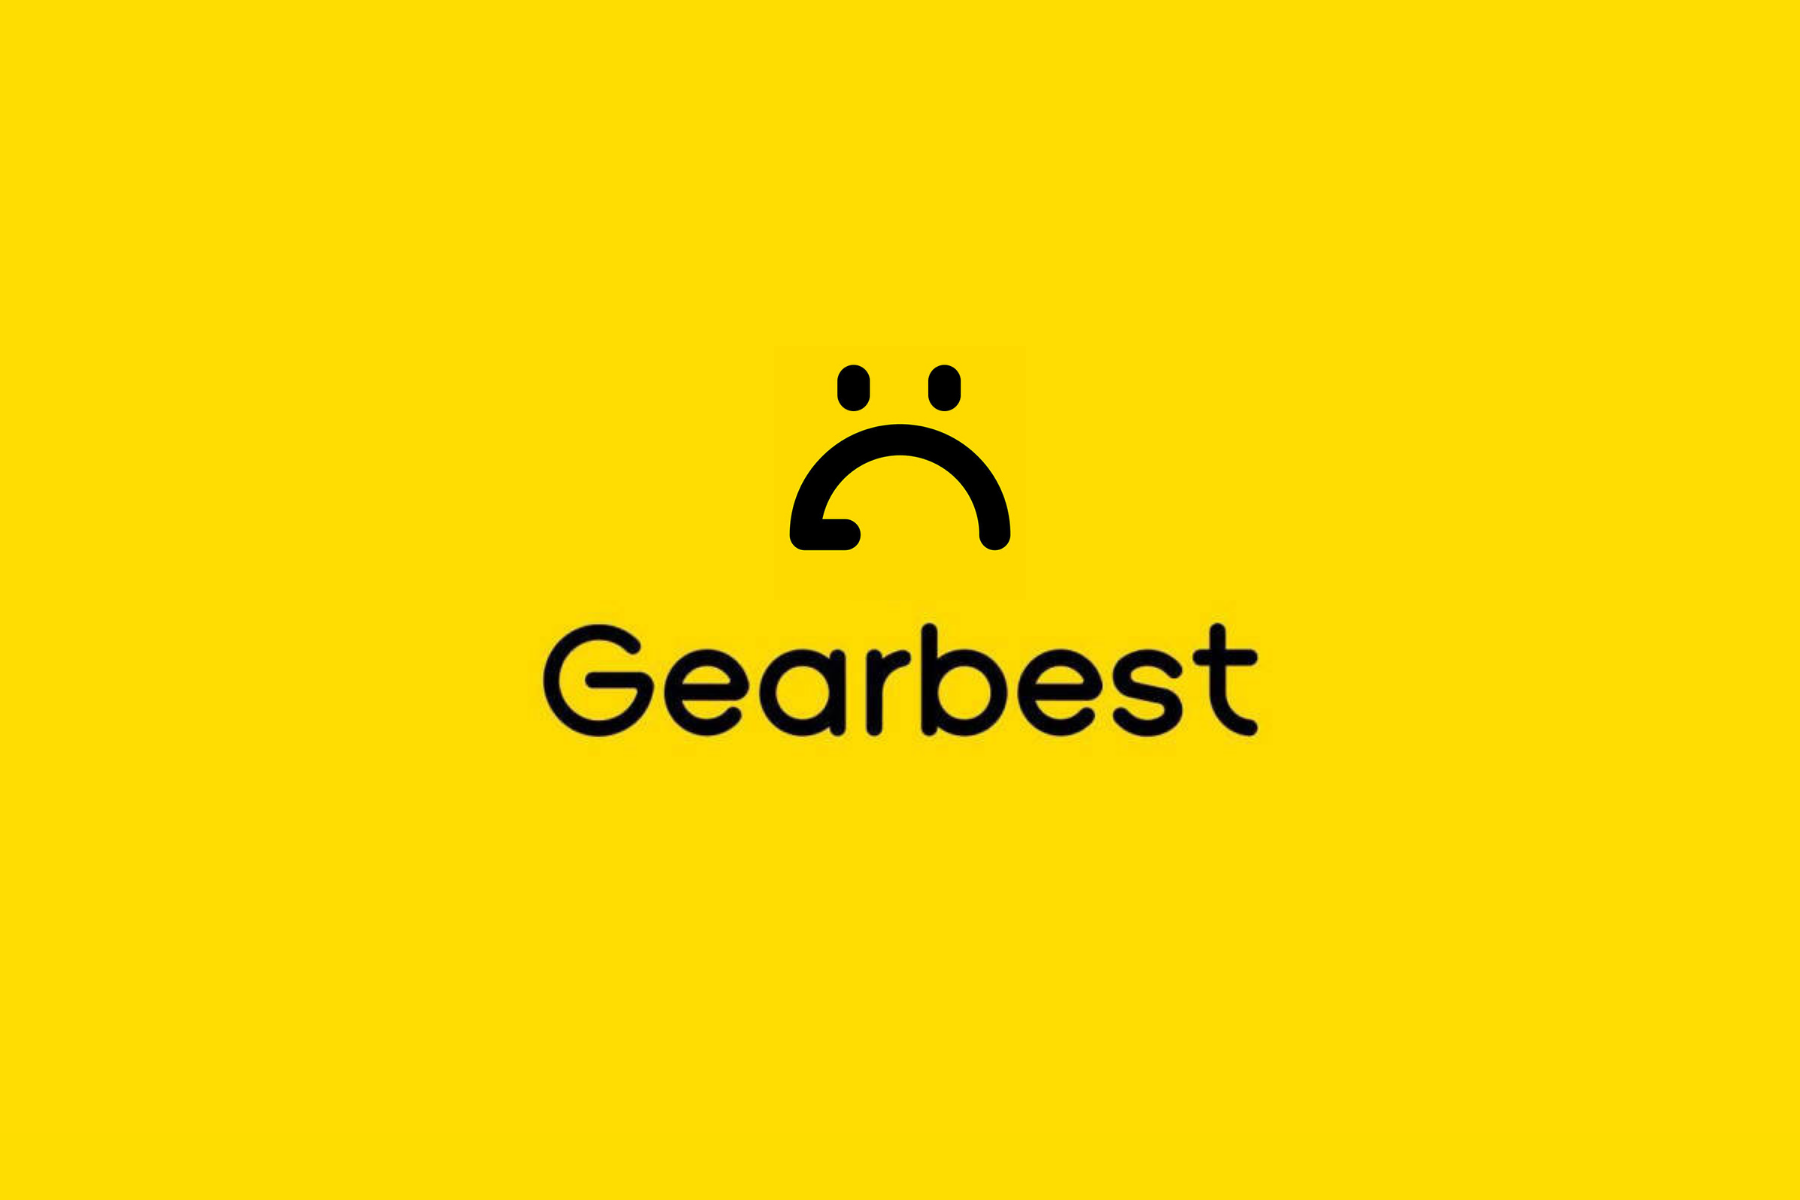 gearbest offline